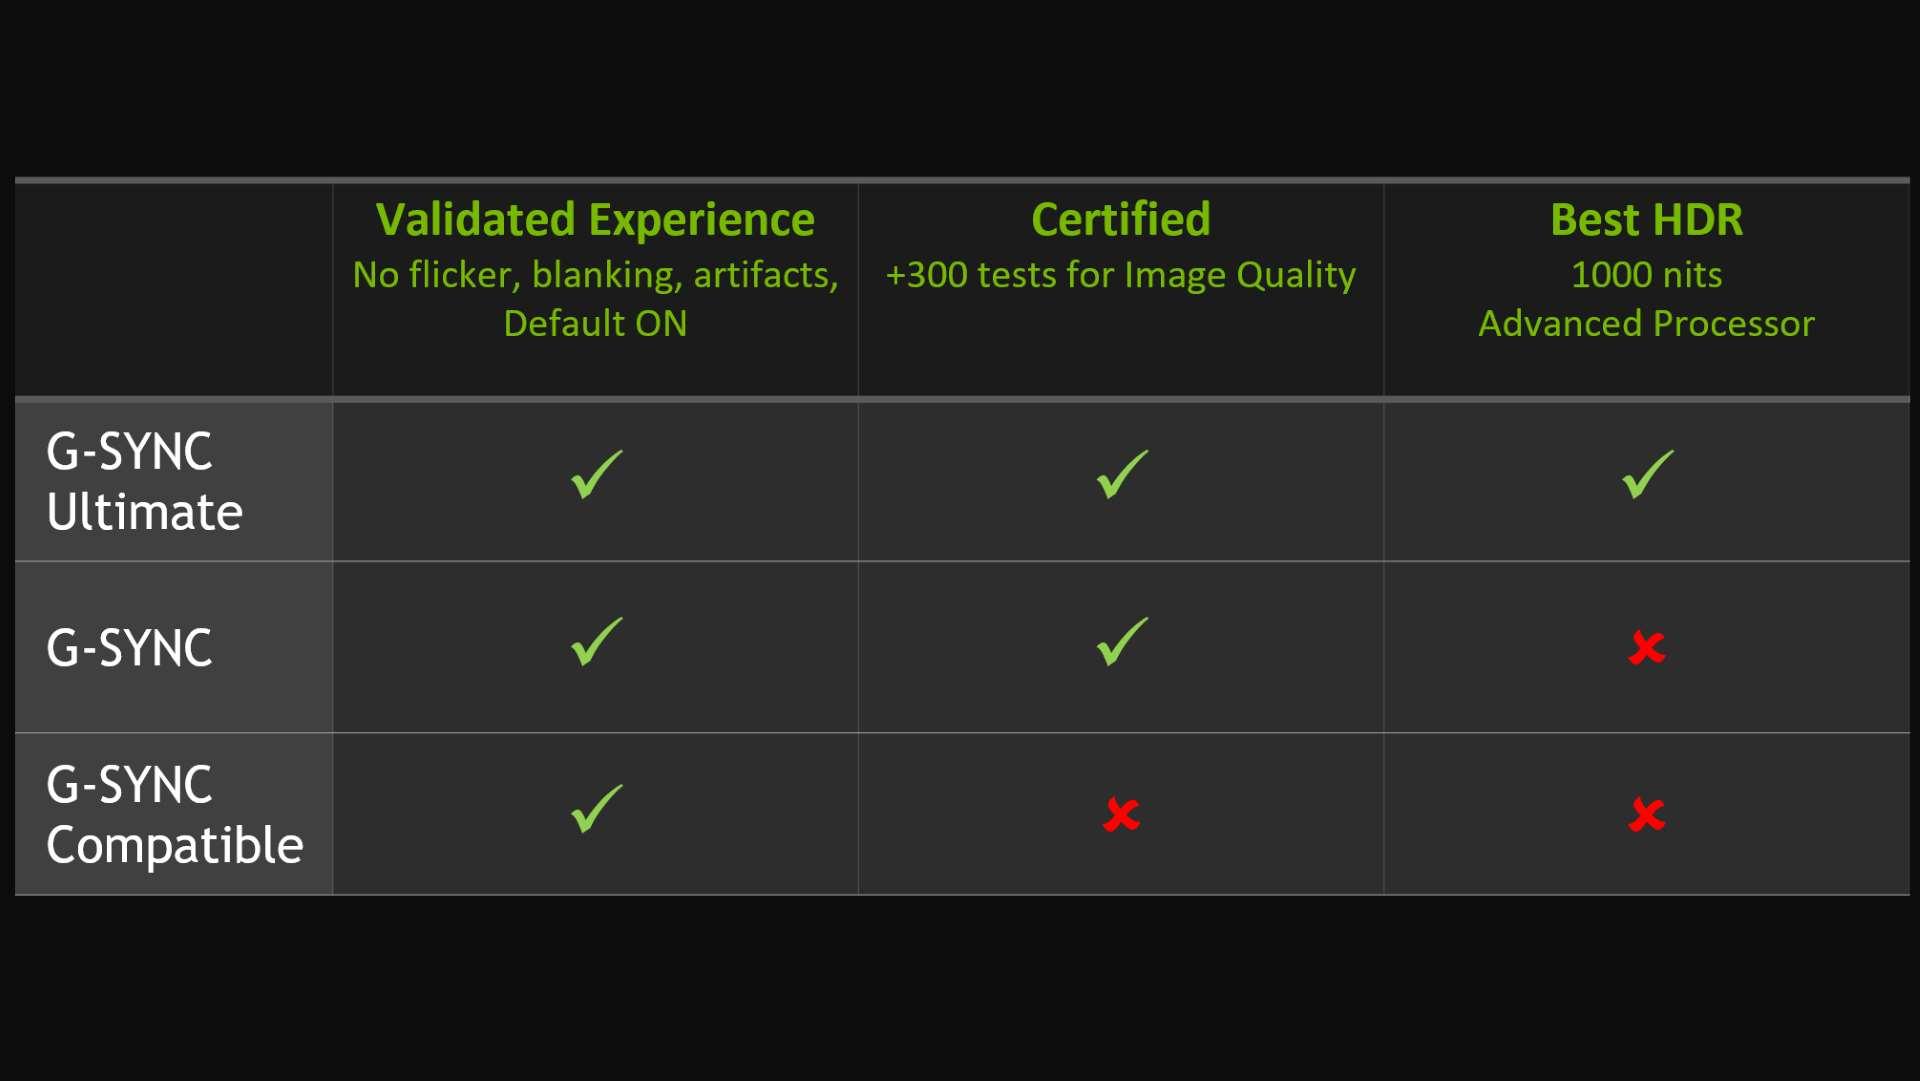 Nvidia GPUs finally support adaptive sync, bringing G-Sync